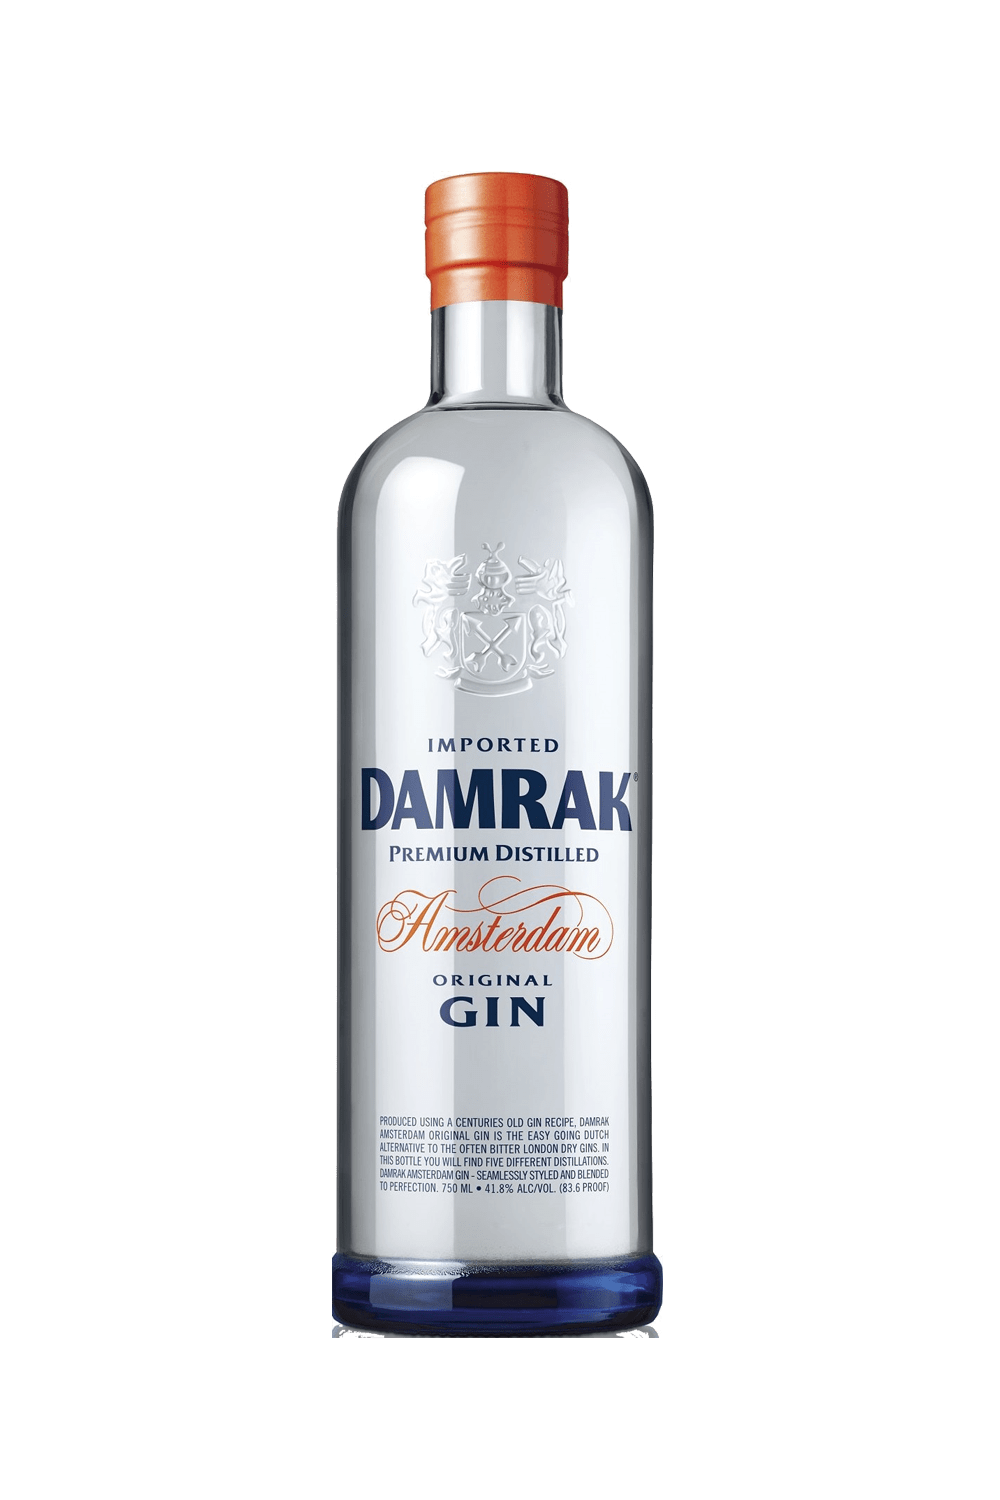 Damrak Gin